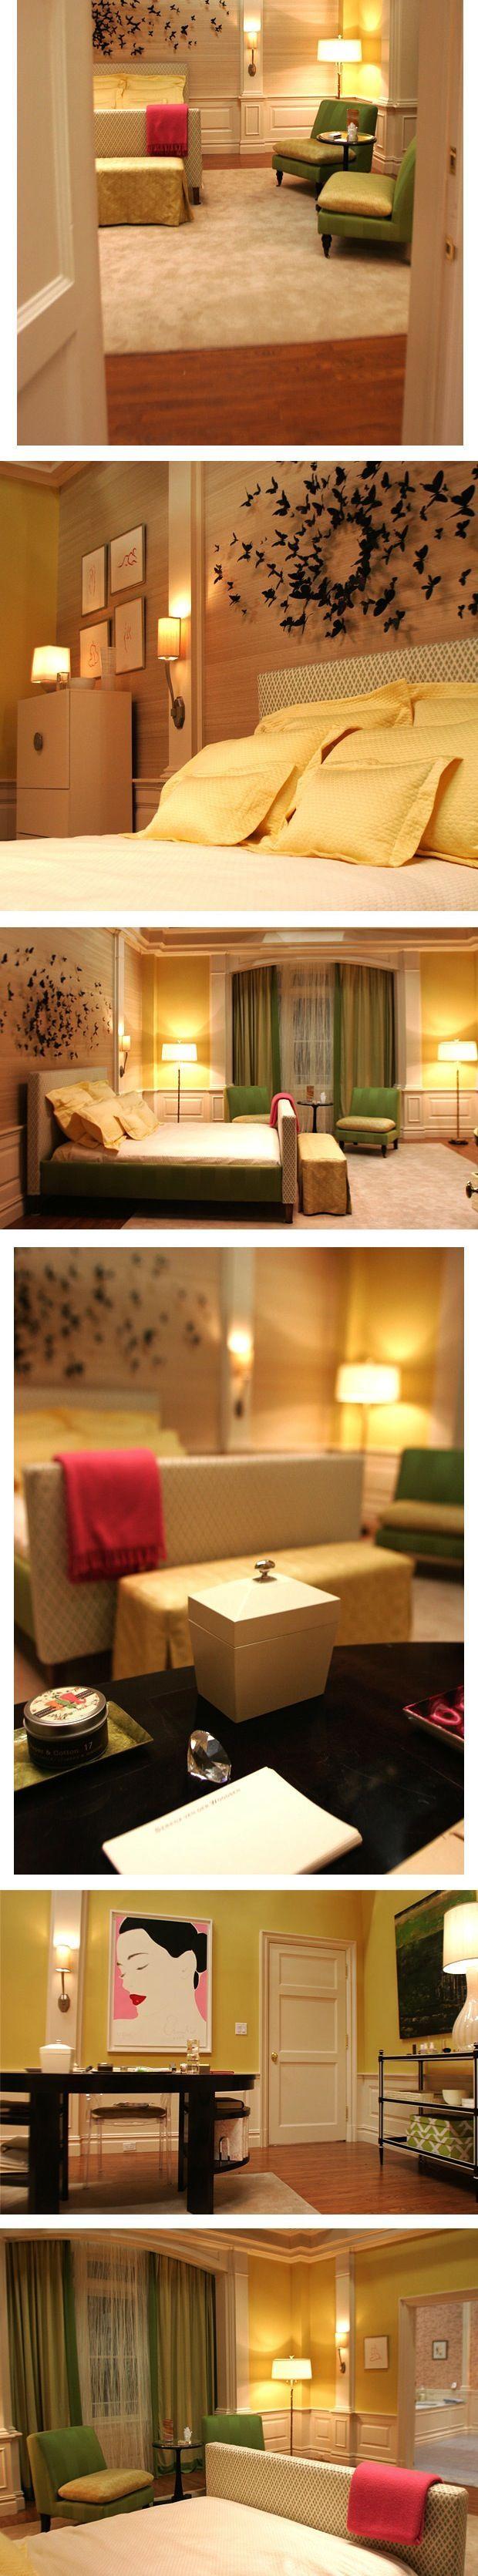 bedrooms diy yellow bedrooms decor bedroom guest bedrooms bedroom